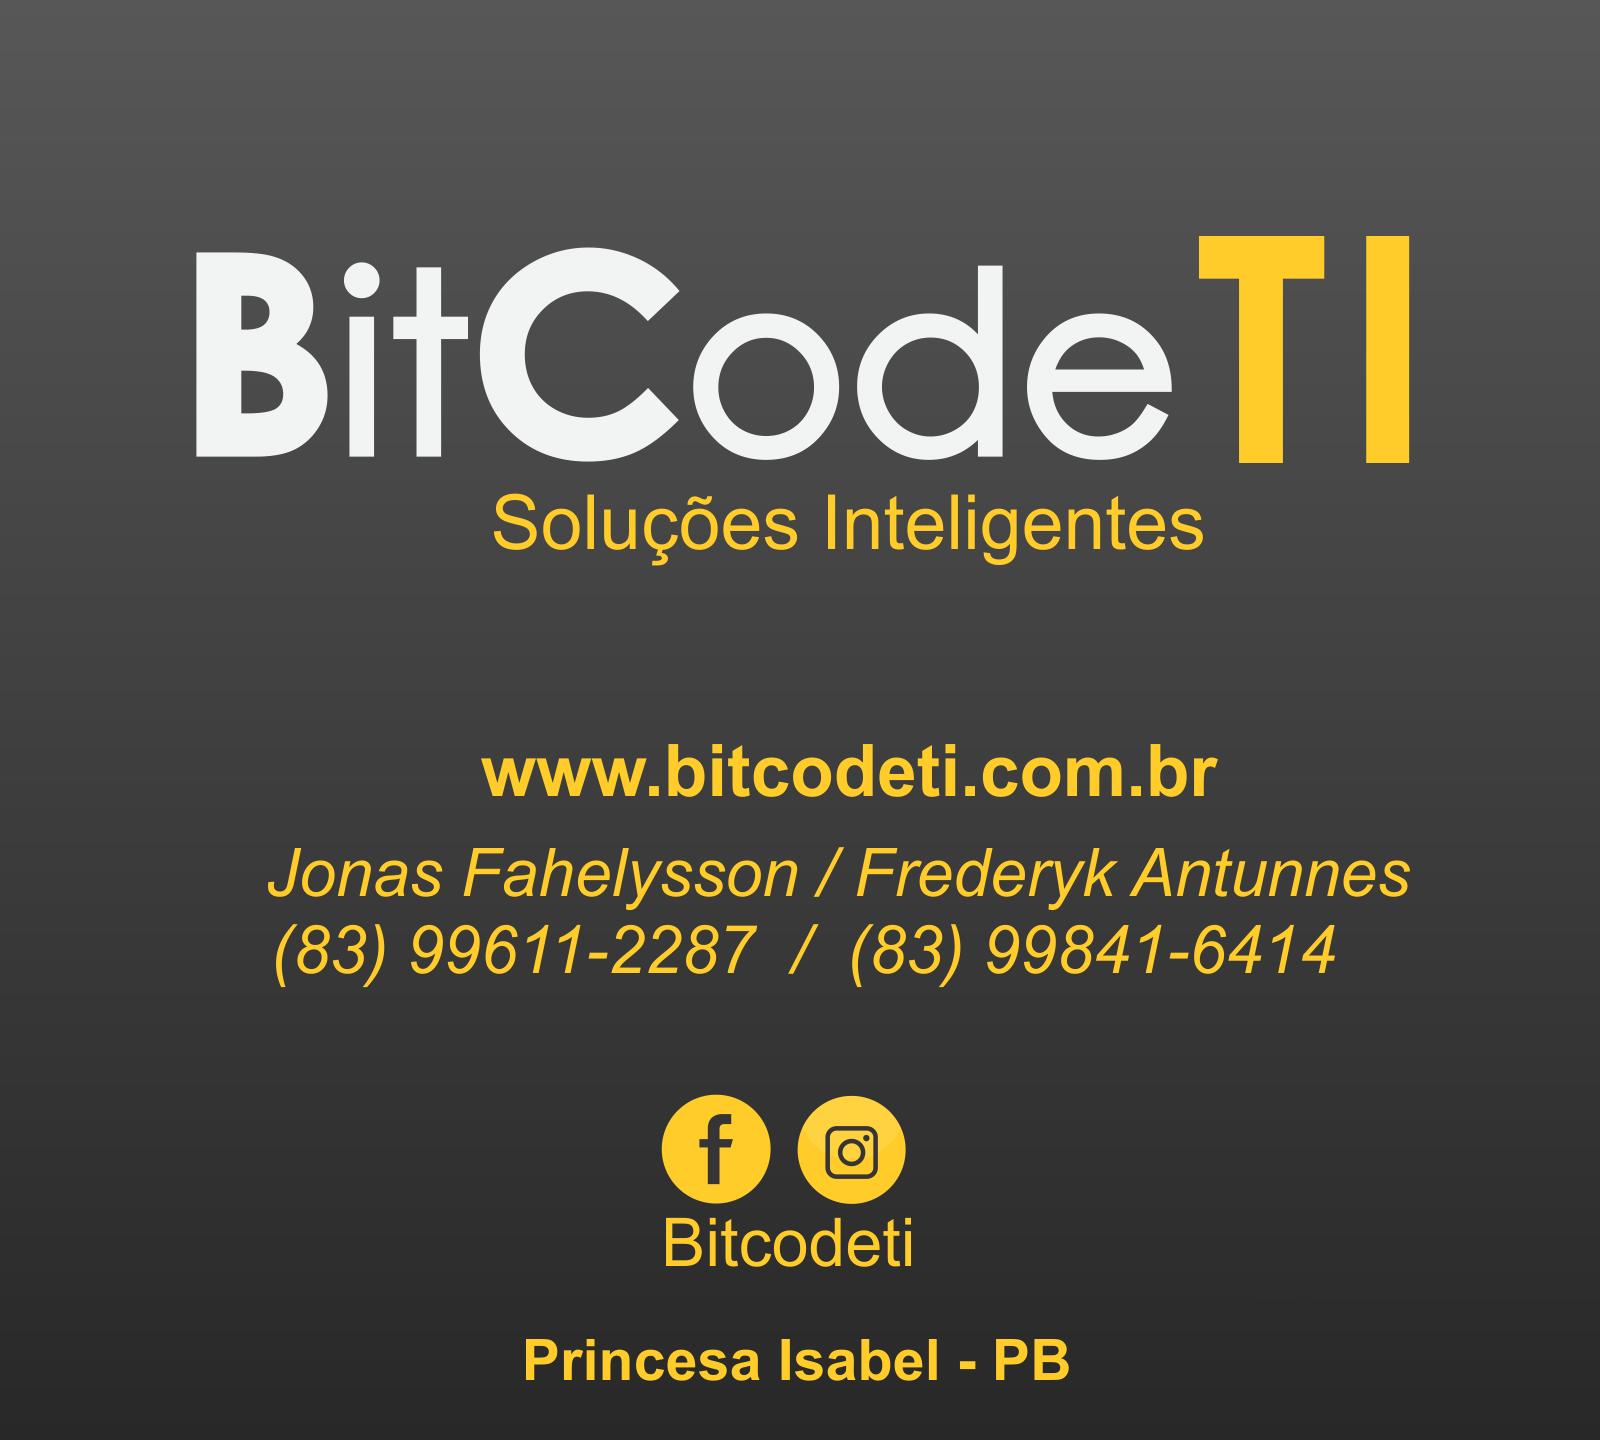 BitCodeTI - Soluções Inteligentes